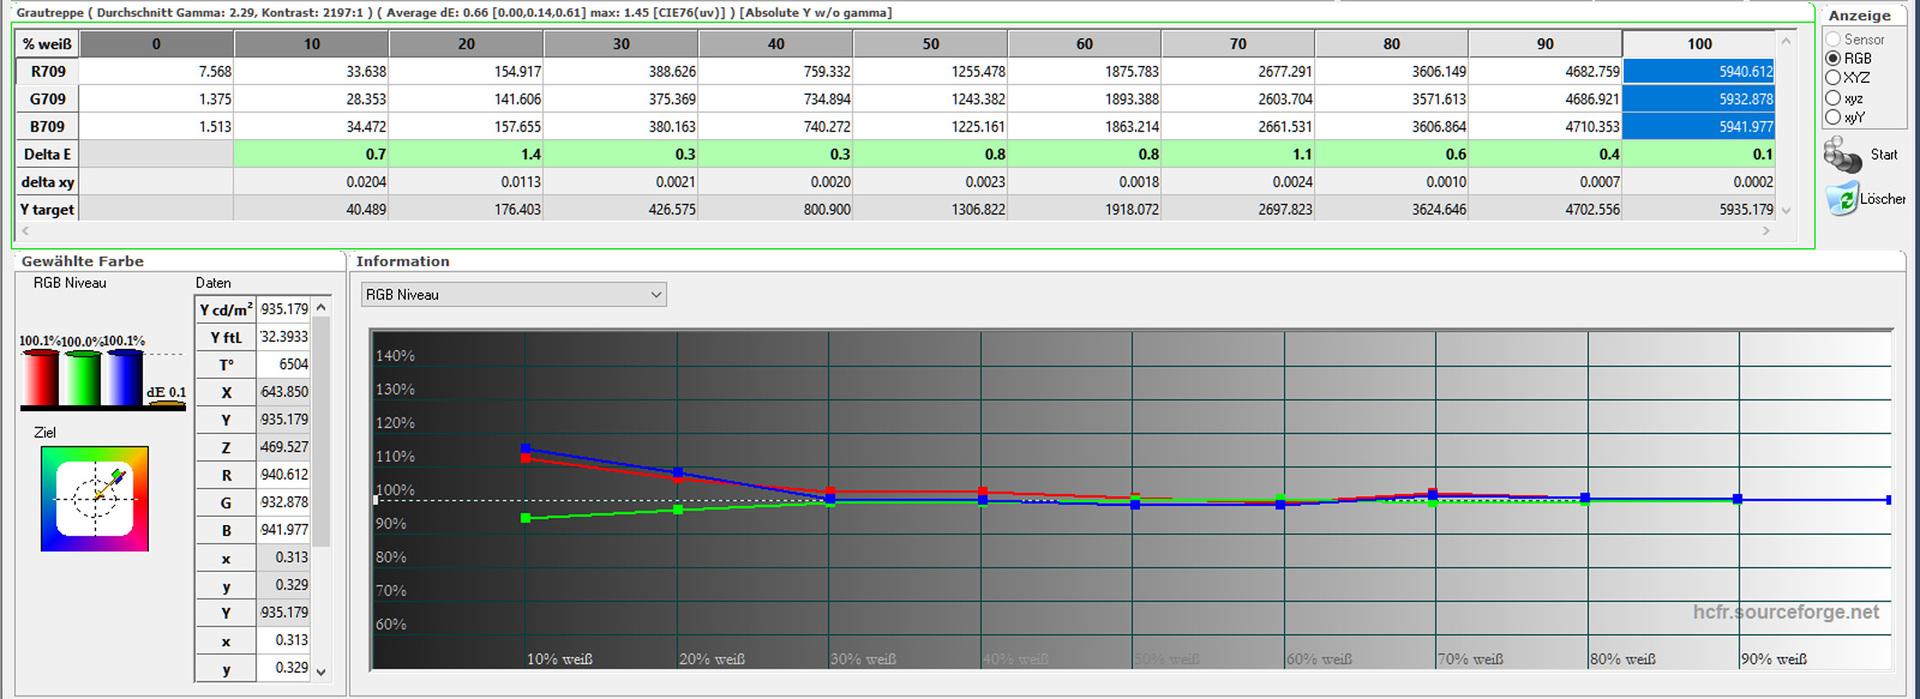 Farbtemperatur Tabelle bildmodus natürlich tabelle farbtemperaturverlauf nach kalibrierung